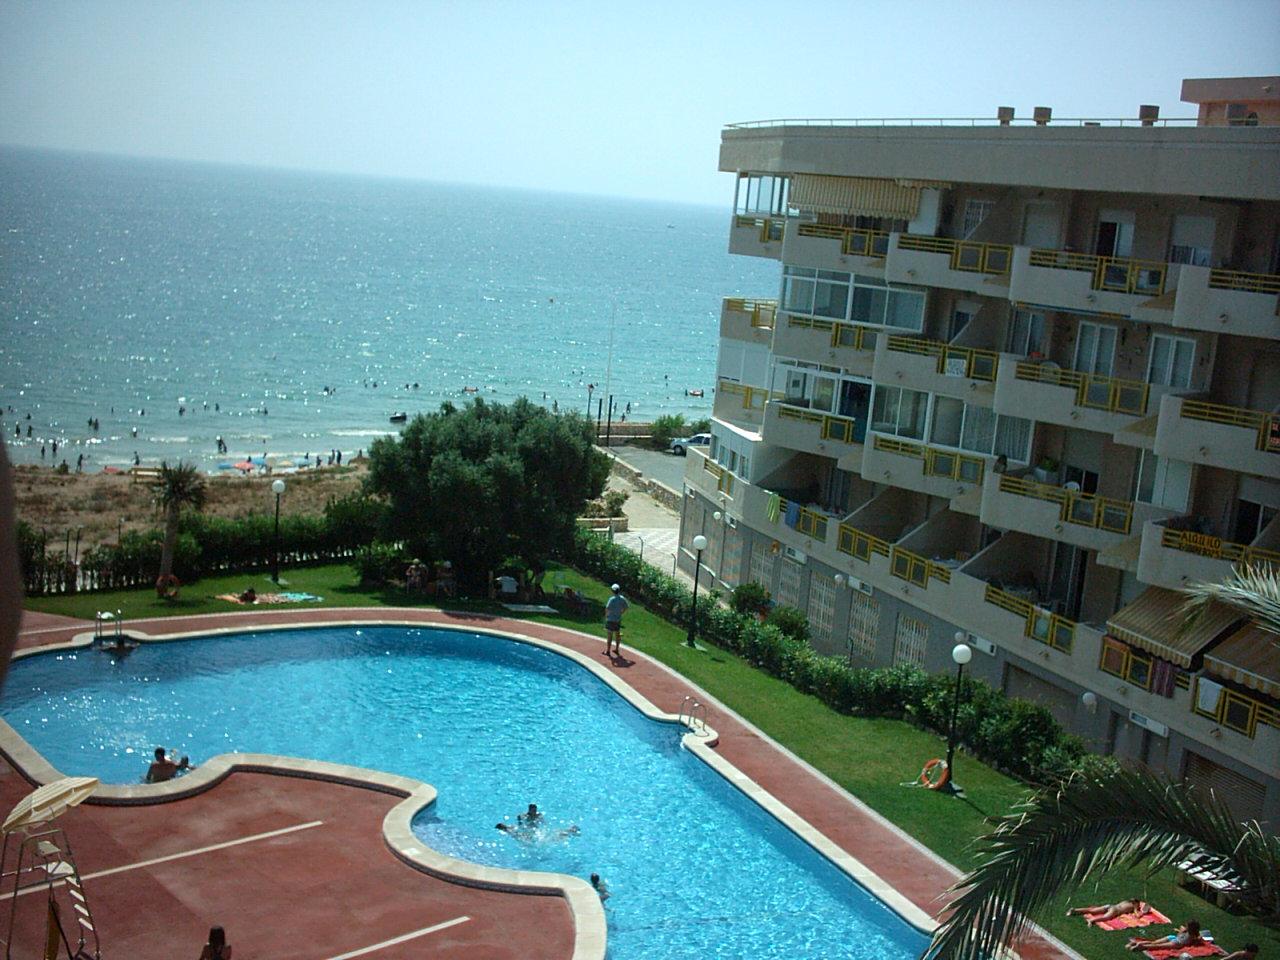 Playa Río Seco / Playa del Rio